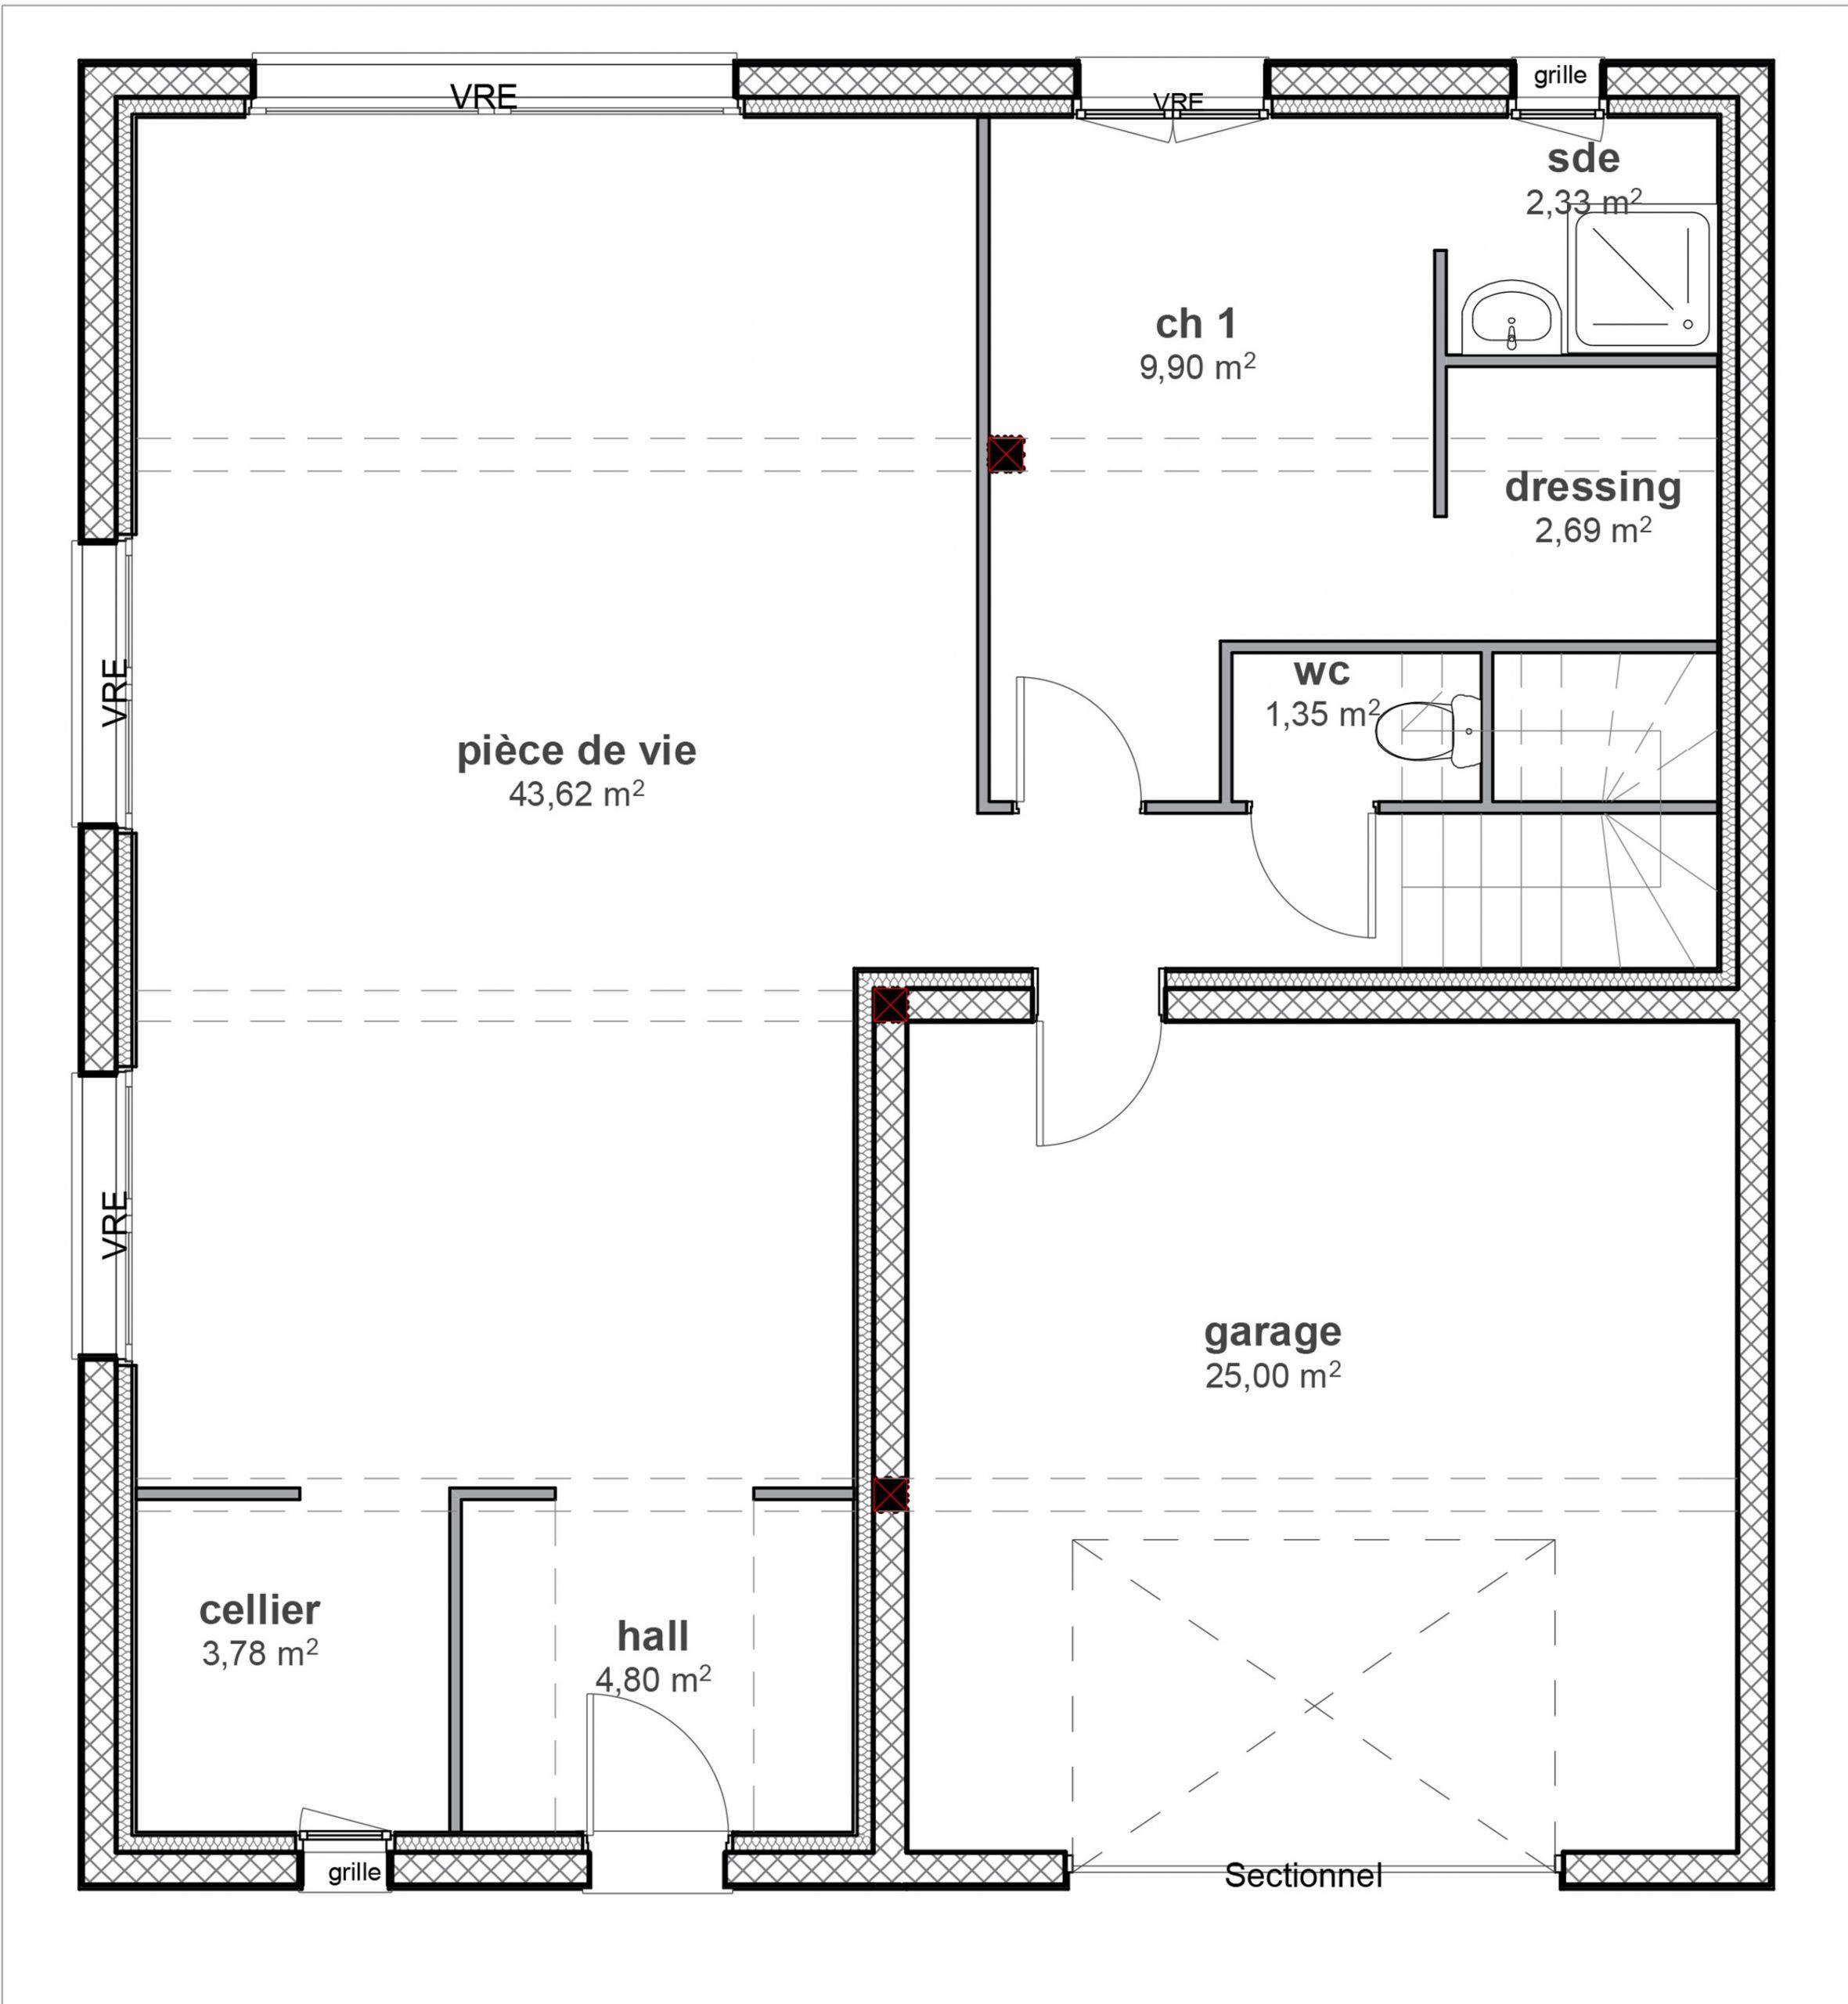 Maison Neuve 110m Restinclieres Herault 34160 Constructeur Lattes 34